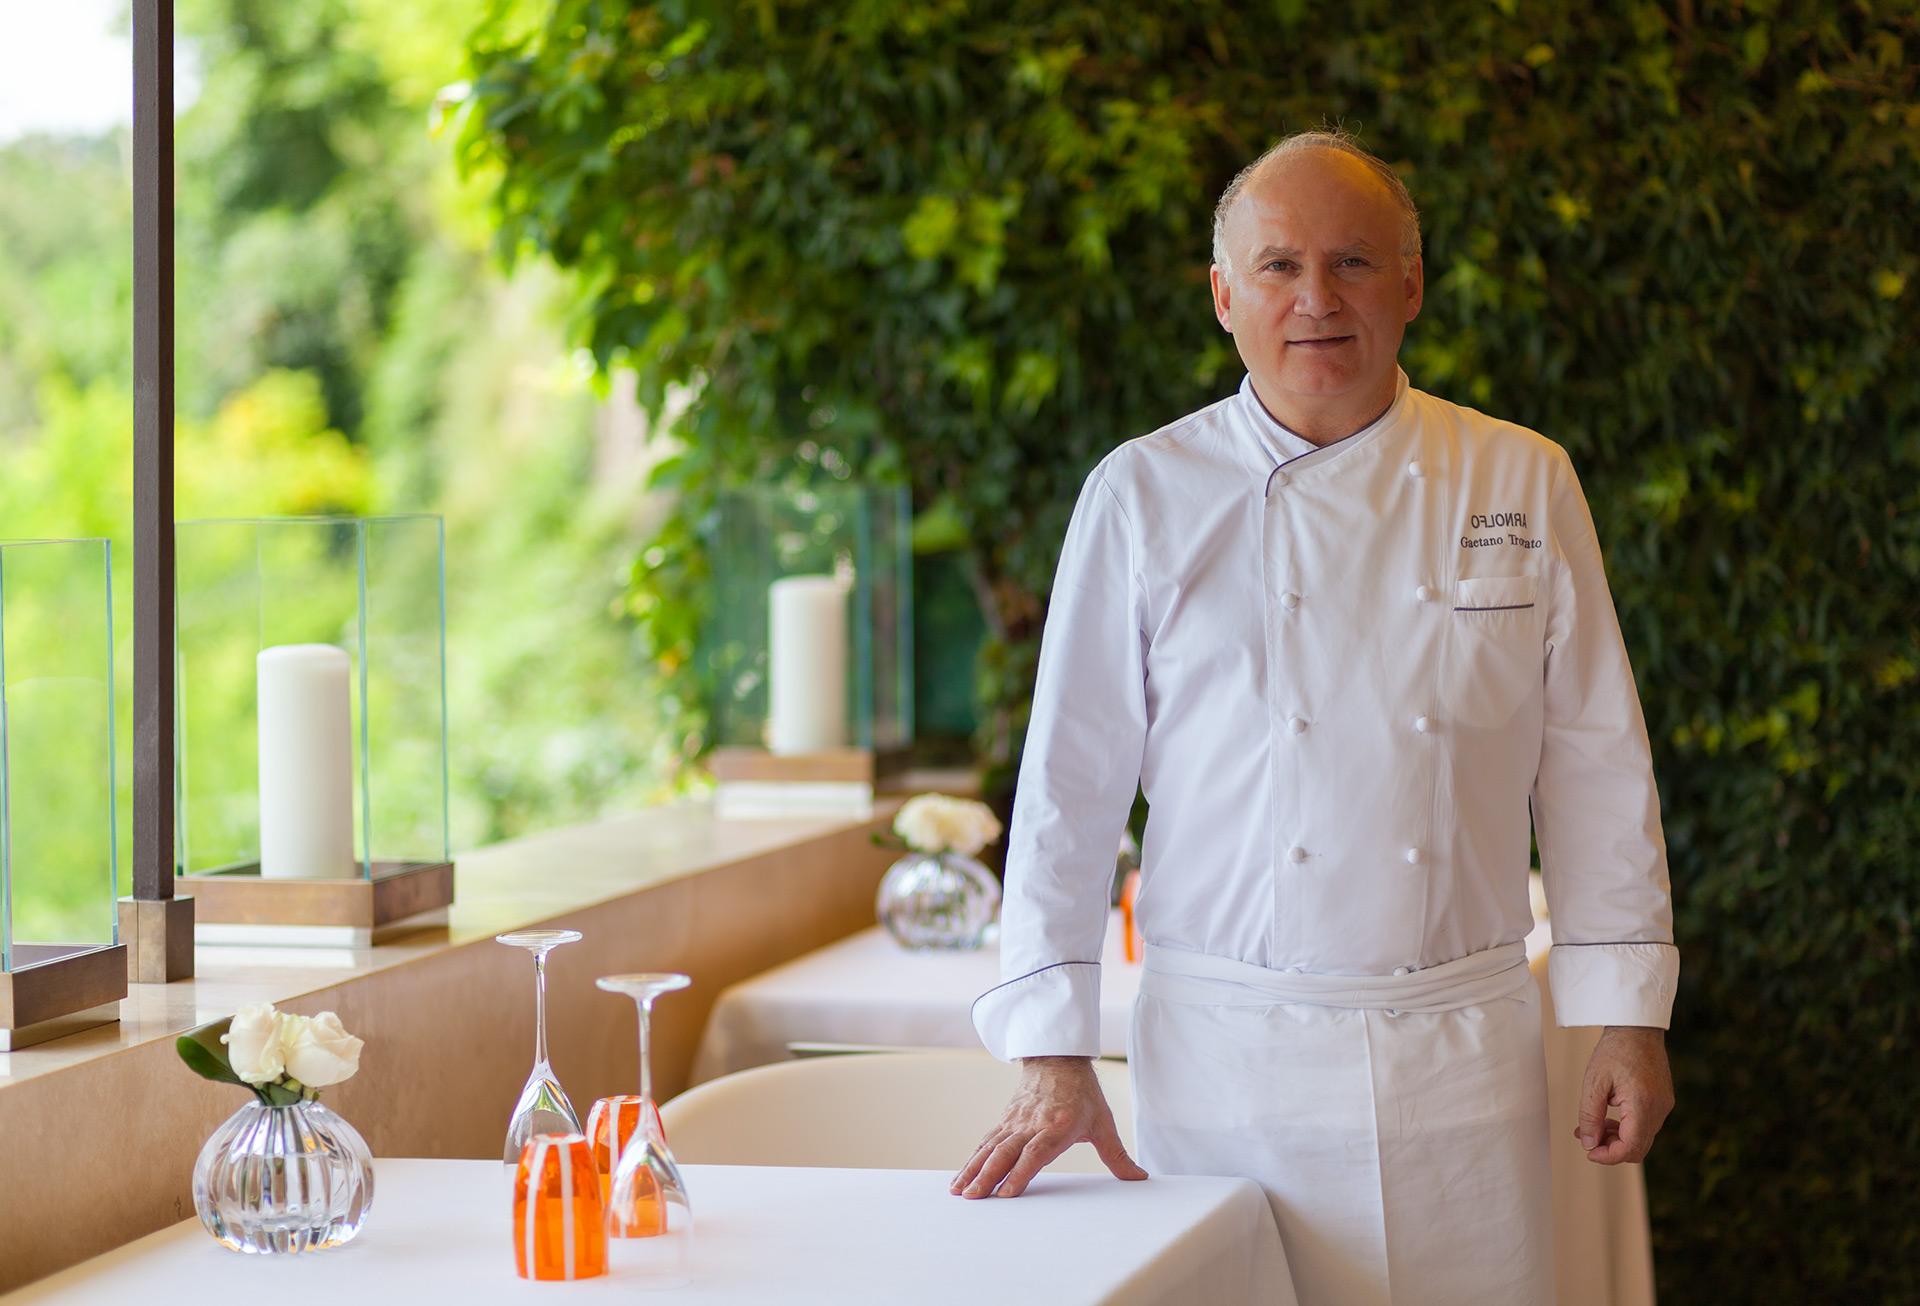 gaetano-trovato_chef-arnolfo-ristorante